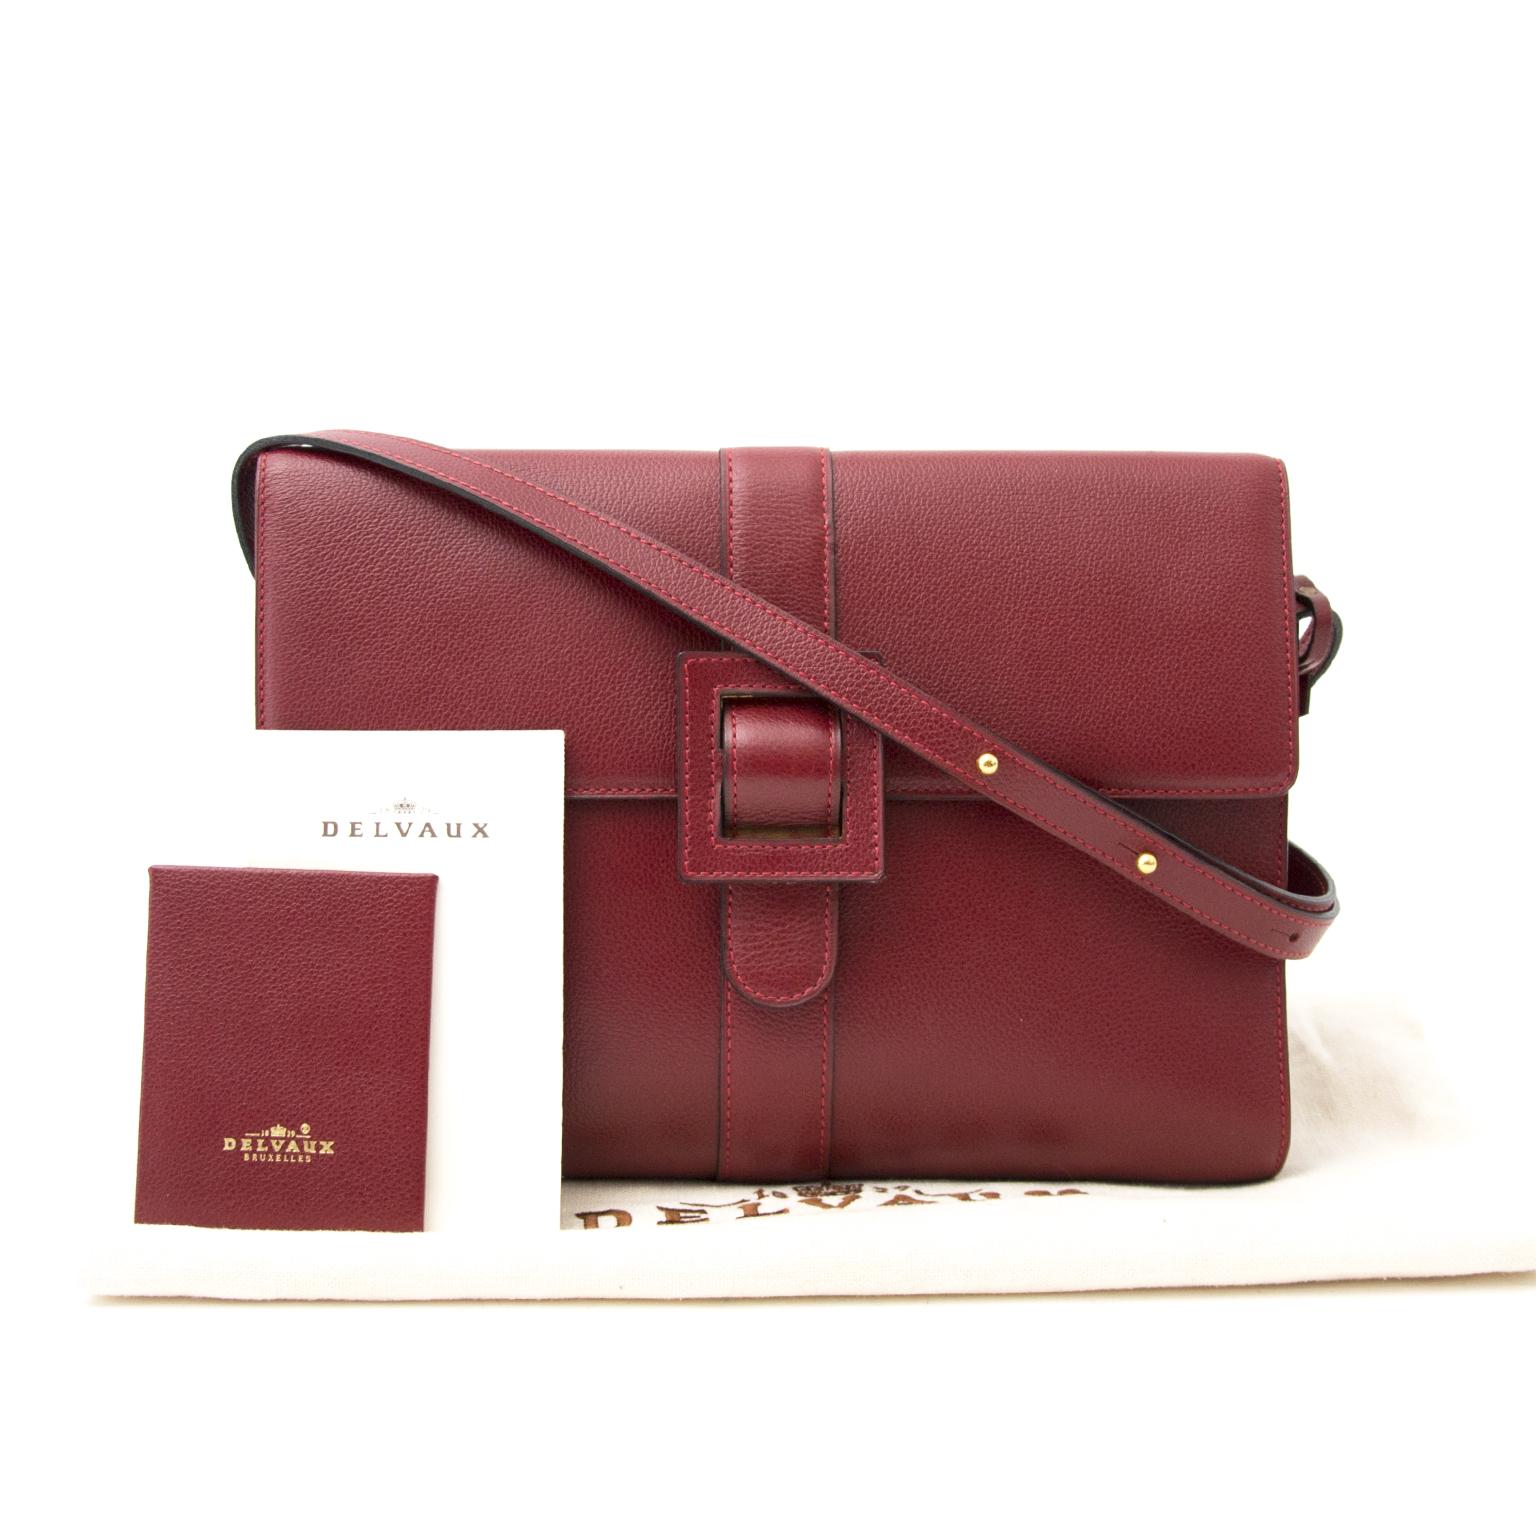 Acheter en igne chez Labellov.com Delvaux Red Shoulder Bag